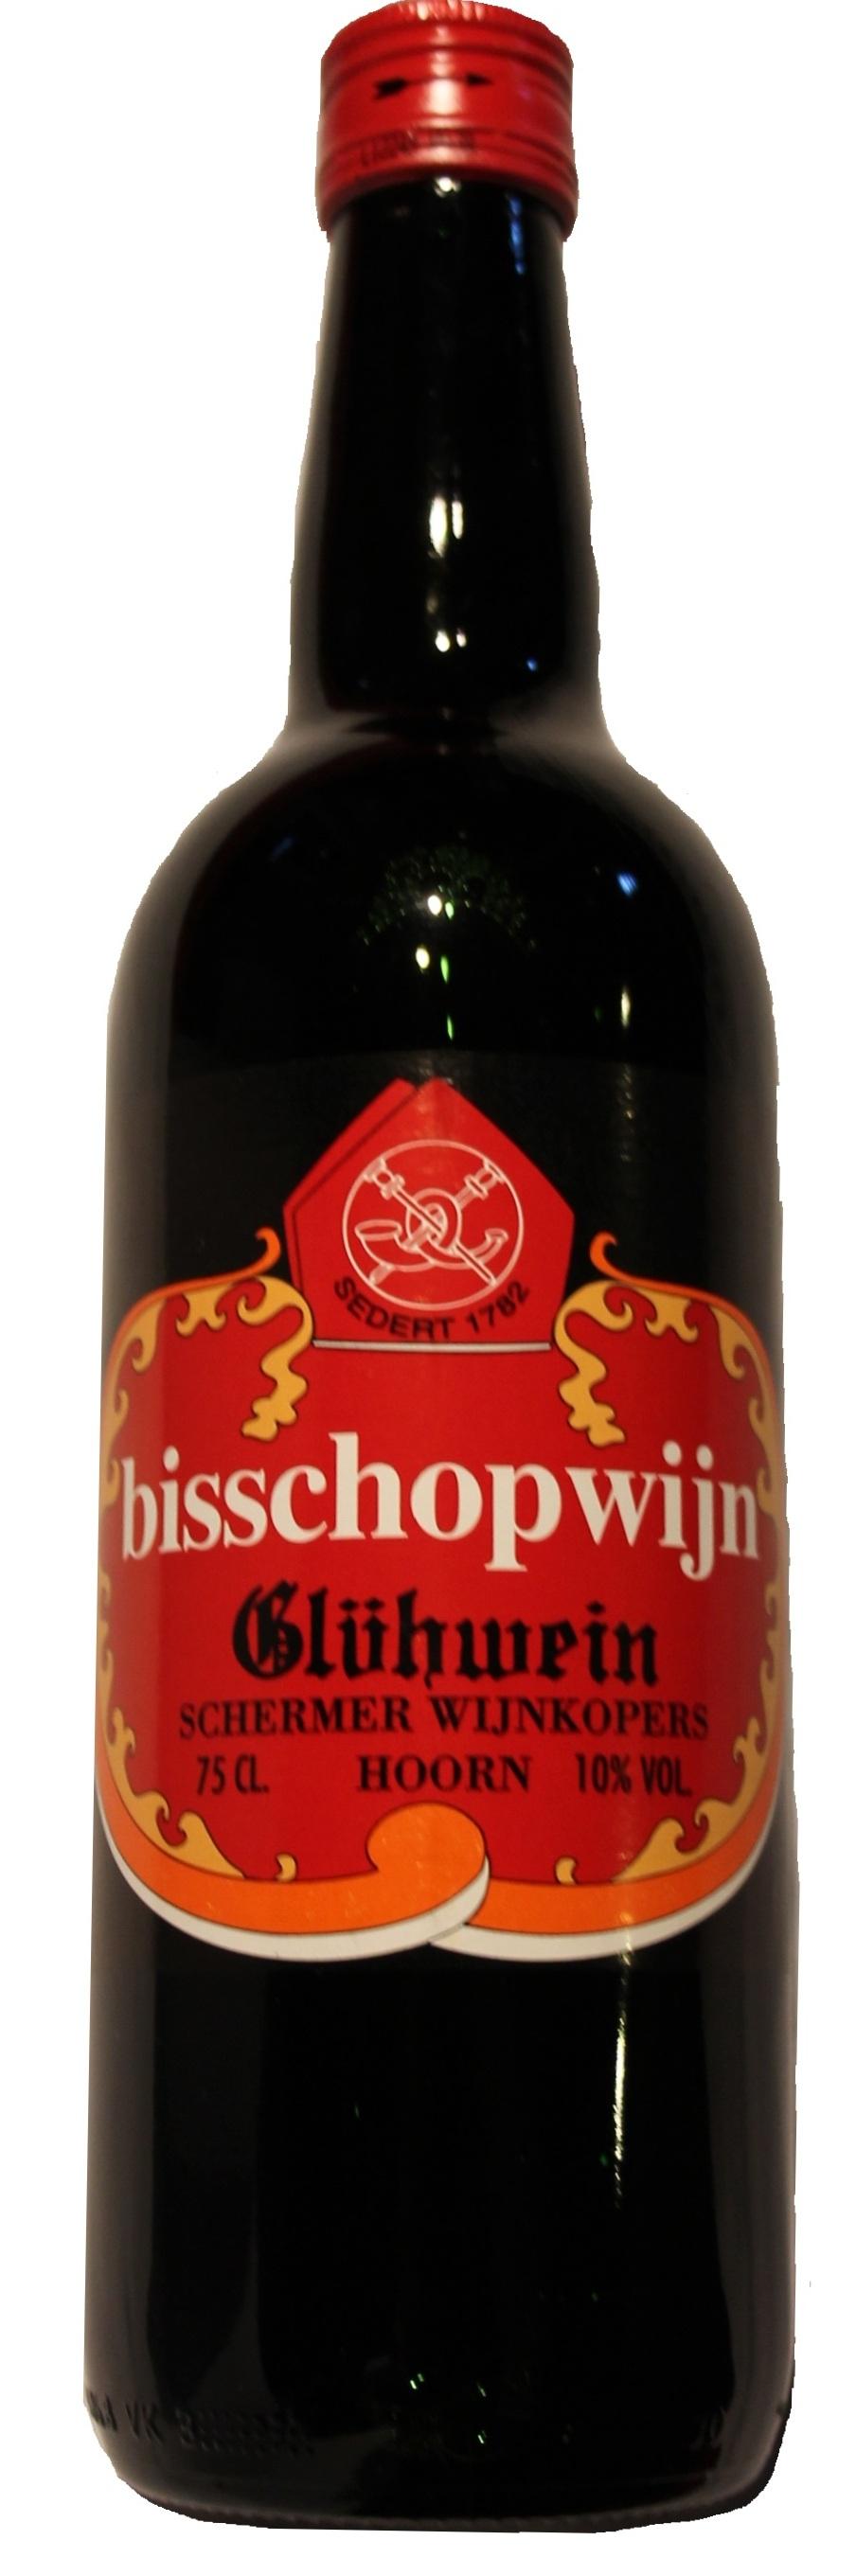 Bisschopwijn uit Hoorn 75cl